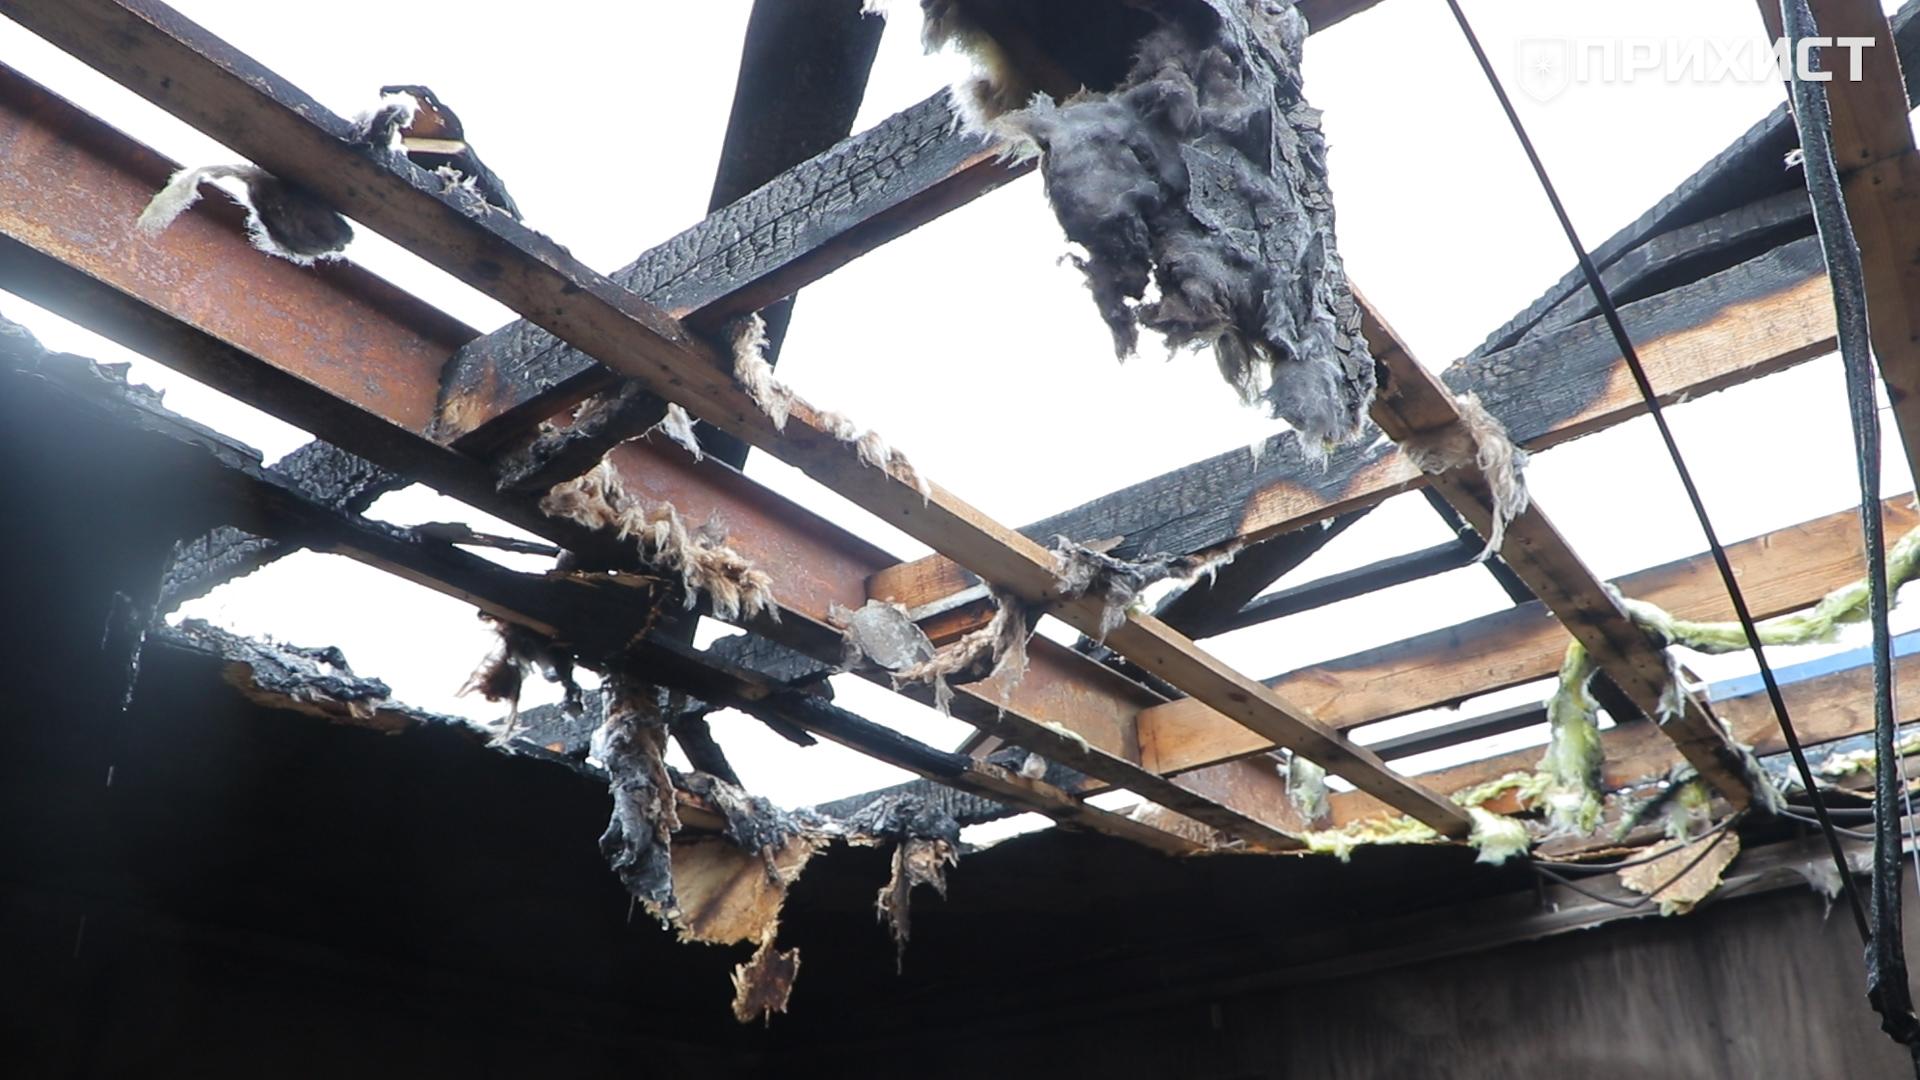 Пожар в Алексеевке: подробности от владельца дома | Прихист